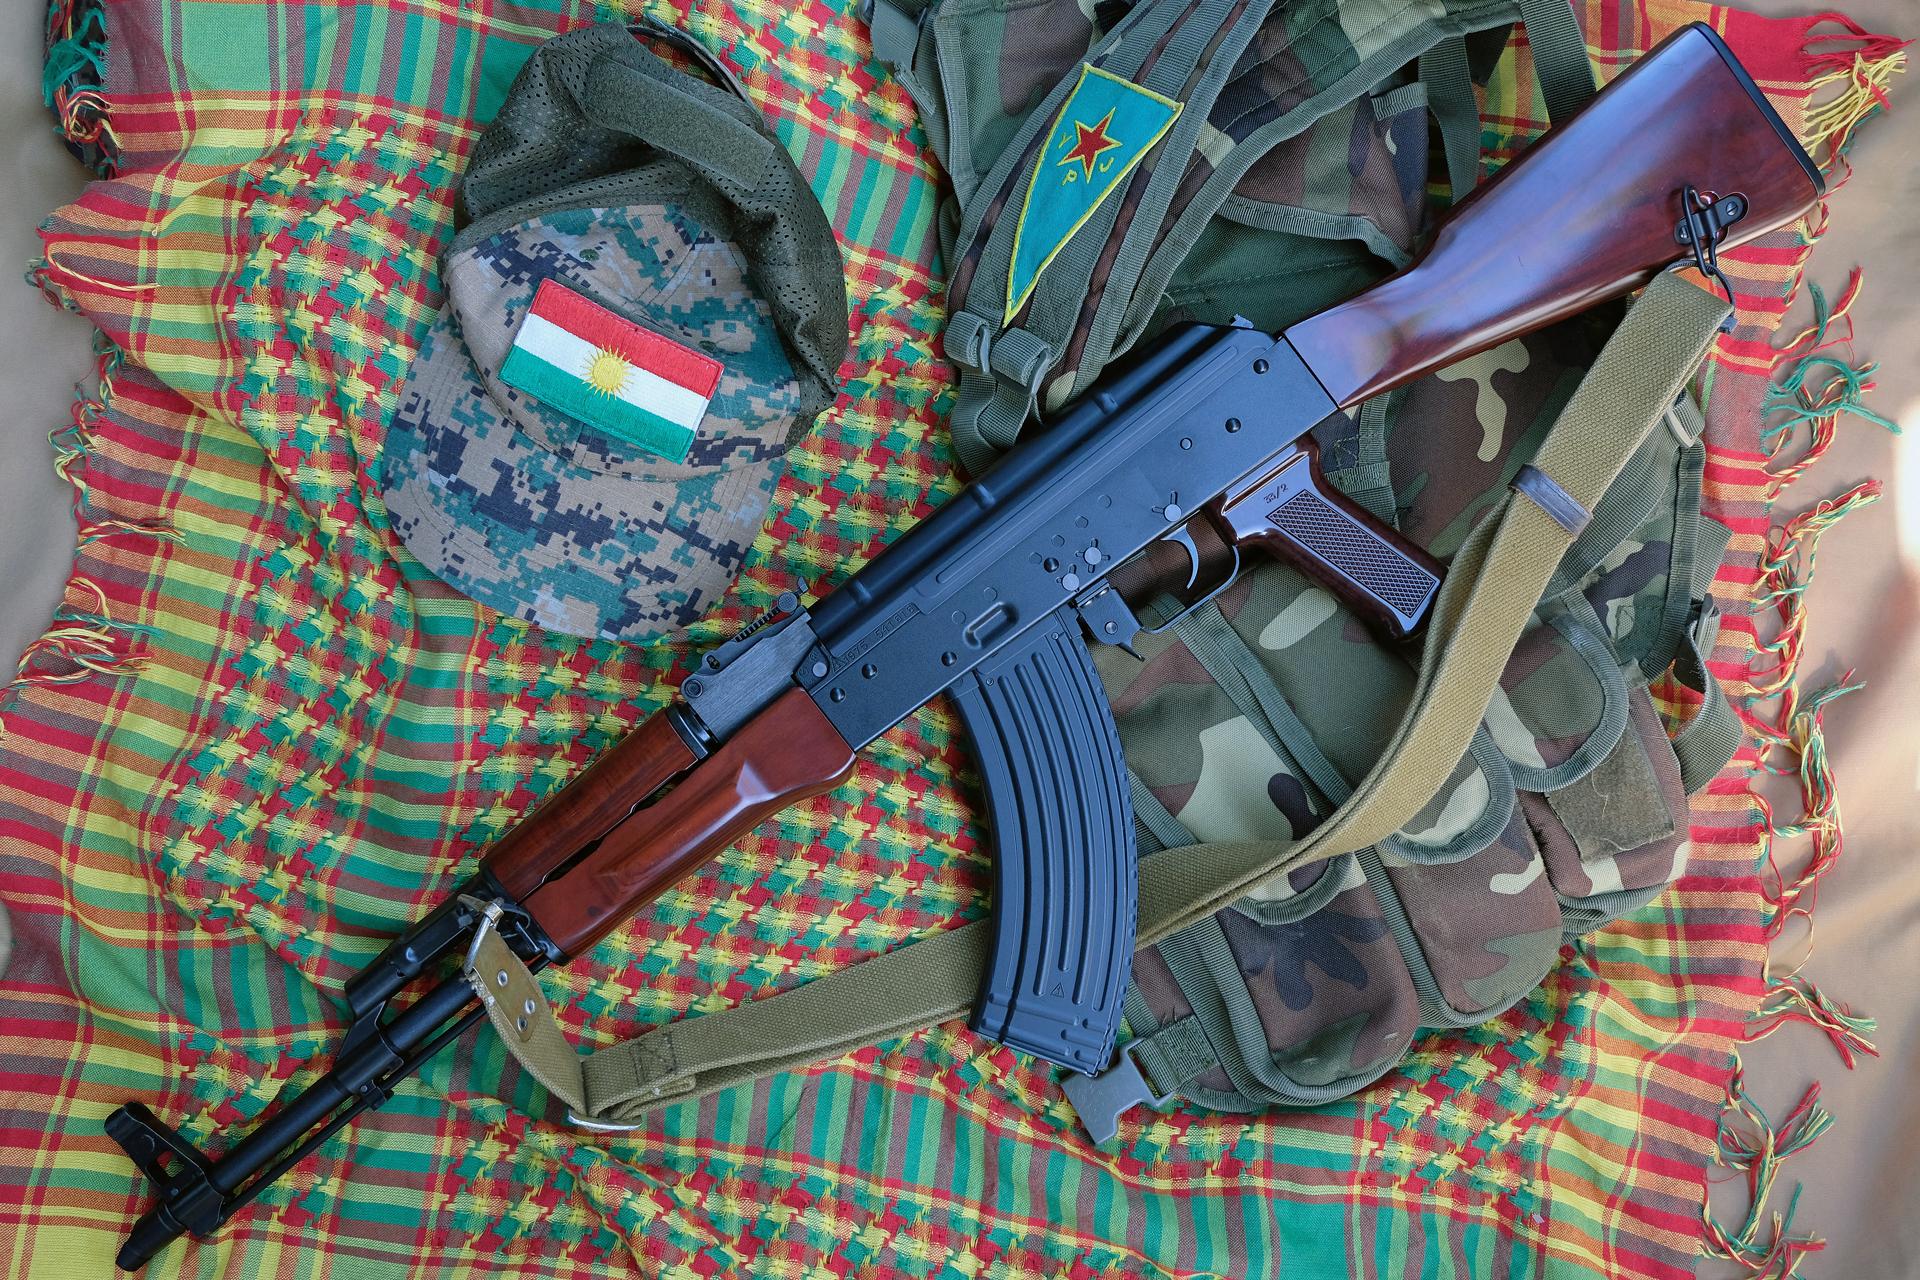 スリングは実銃用ロシアタイプ。一見してエアソフトガンとは思えない。